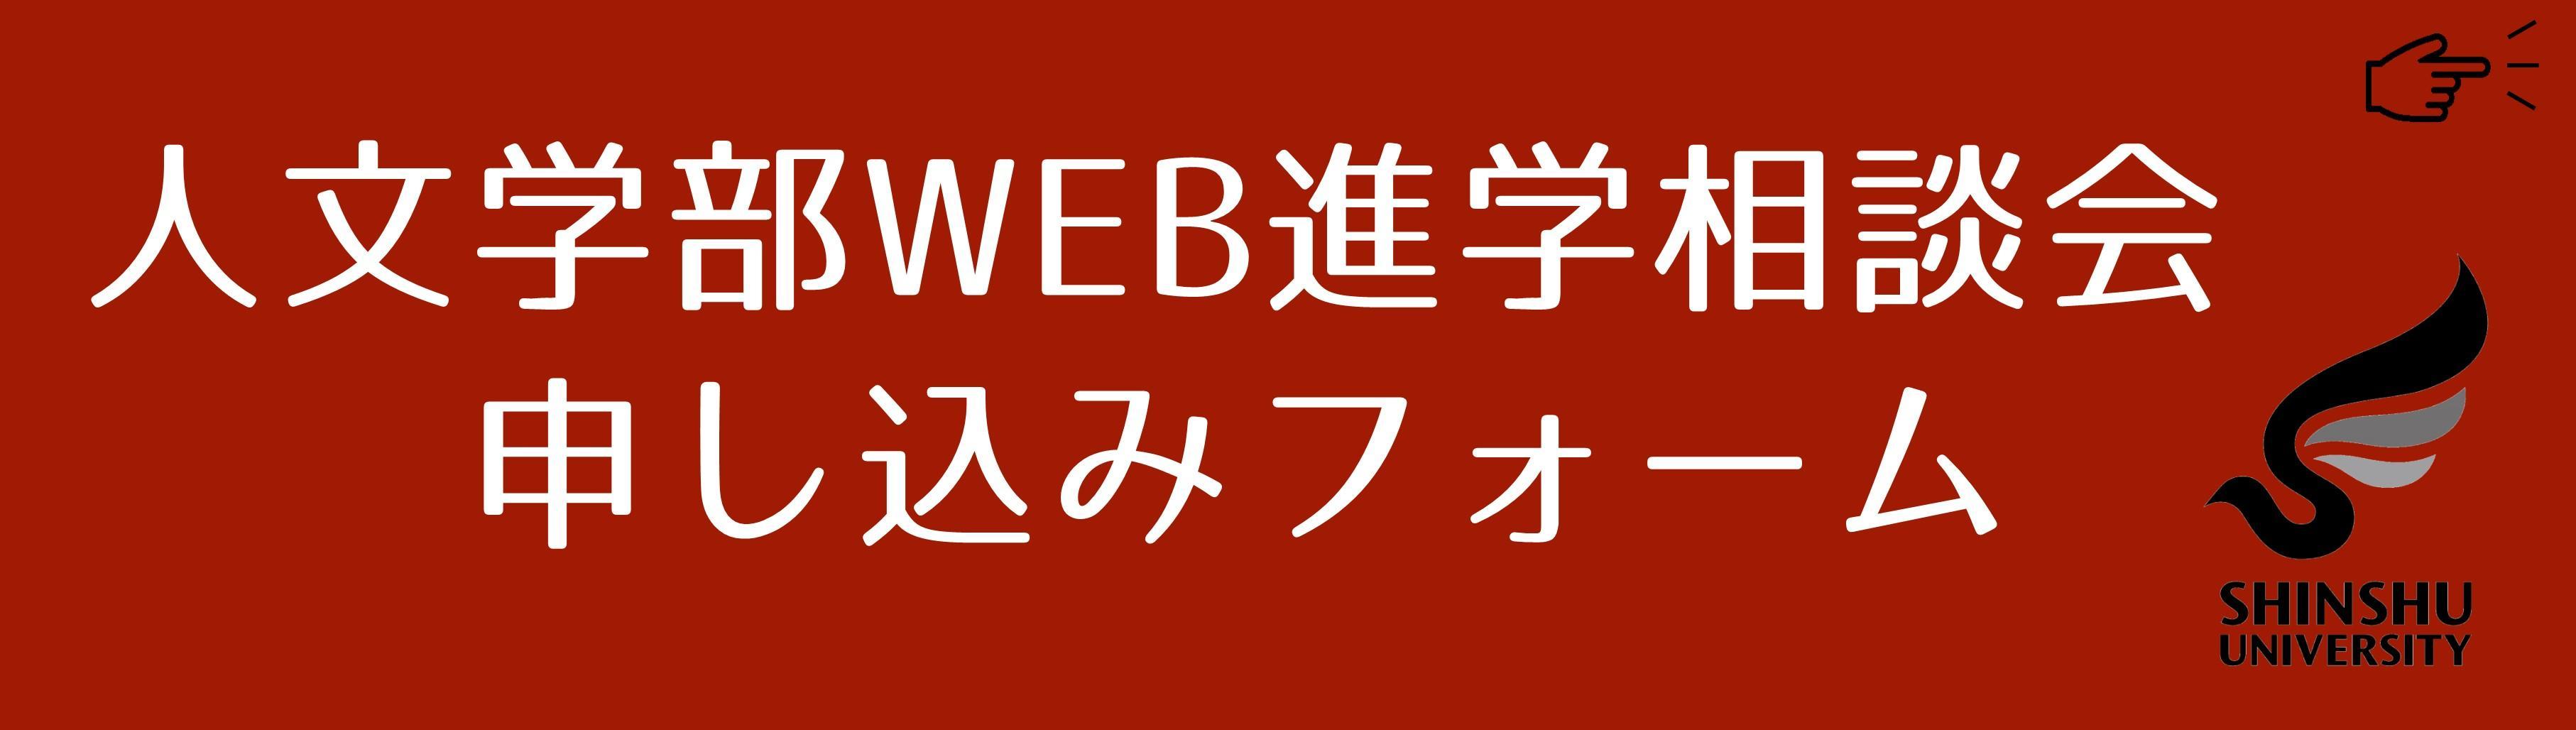 01_人文学部.jpg